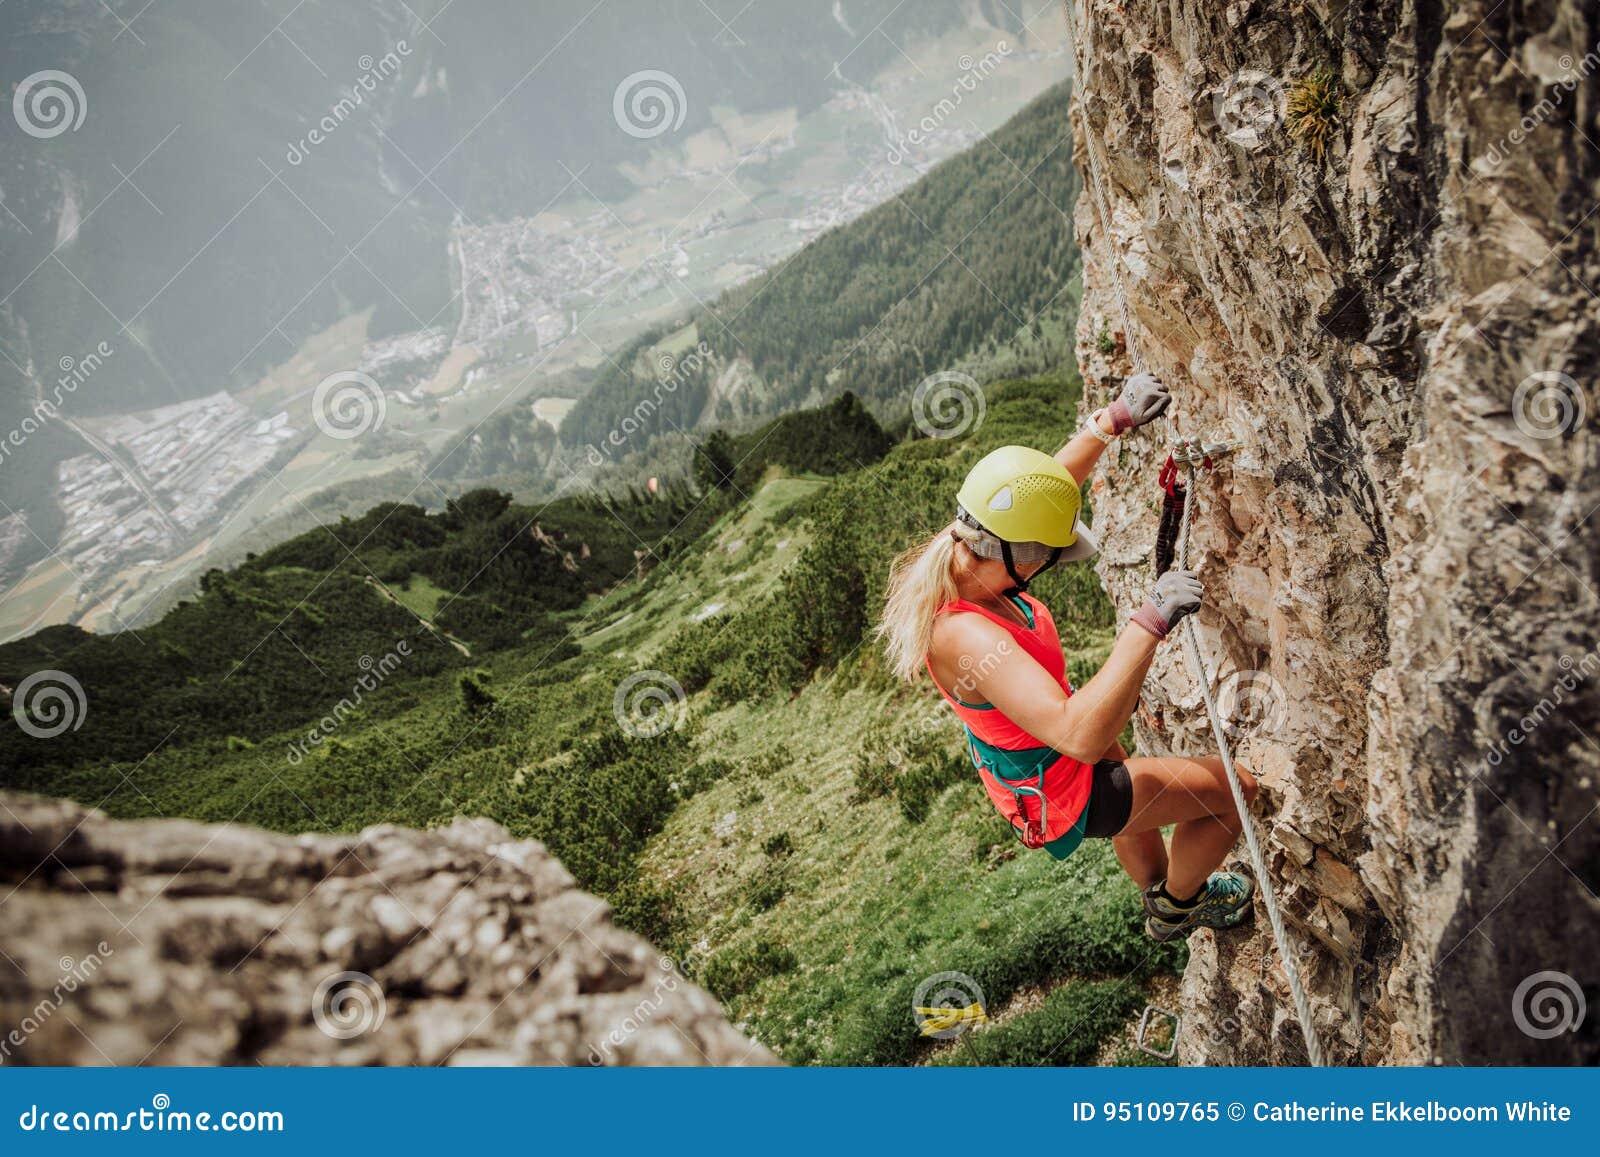 Klettersteigen Oostenrijk : Via ferrata die in oostenrijk beklimmen redactionele afbeelding